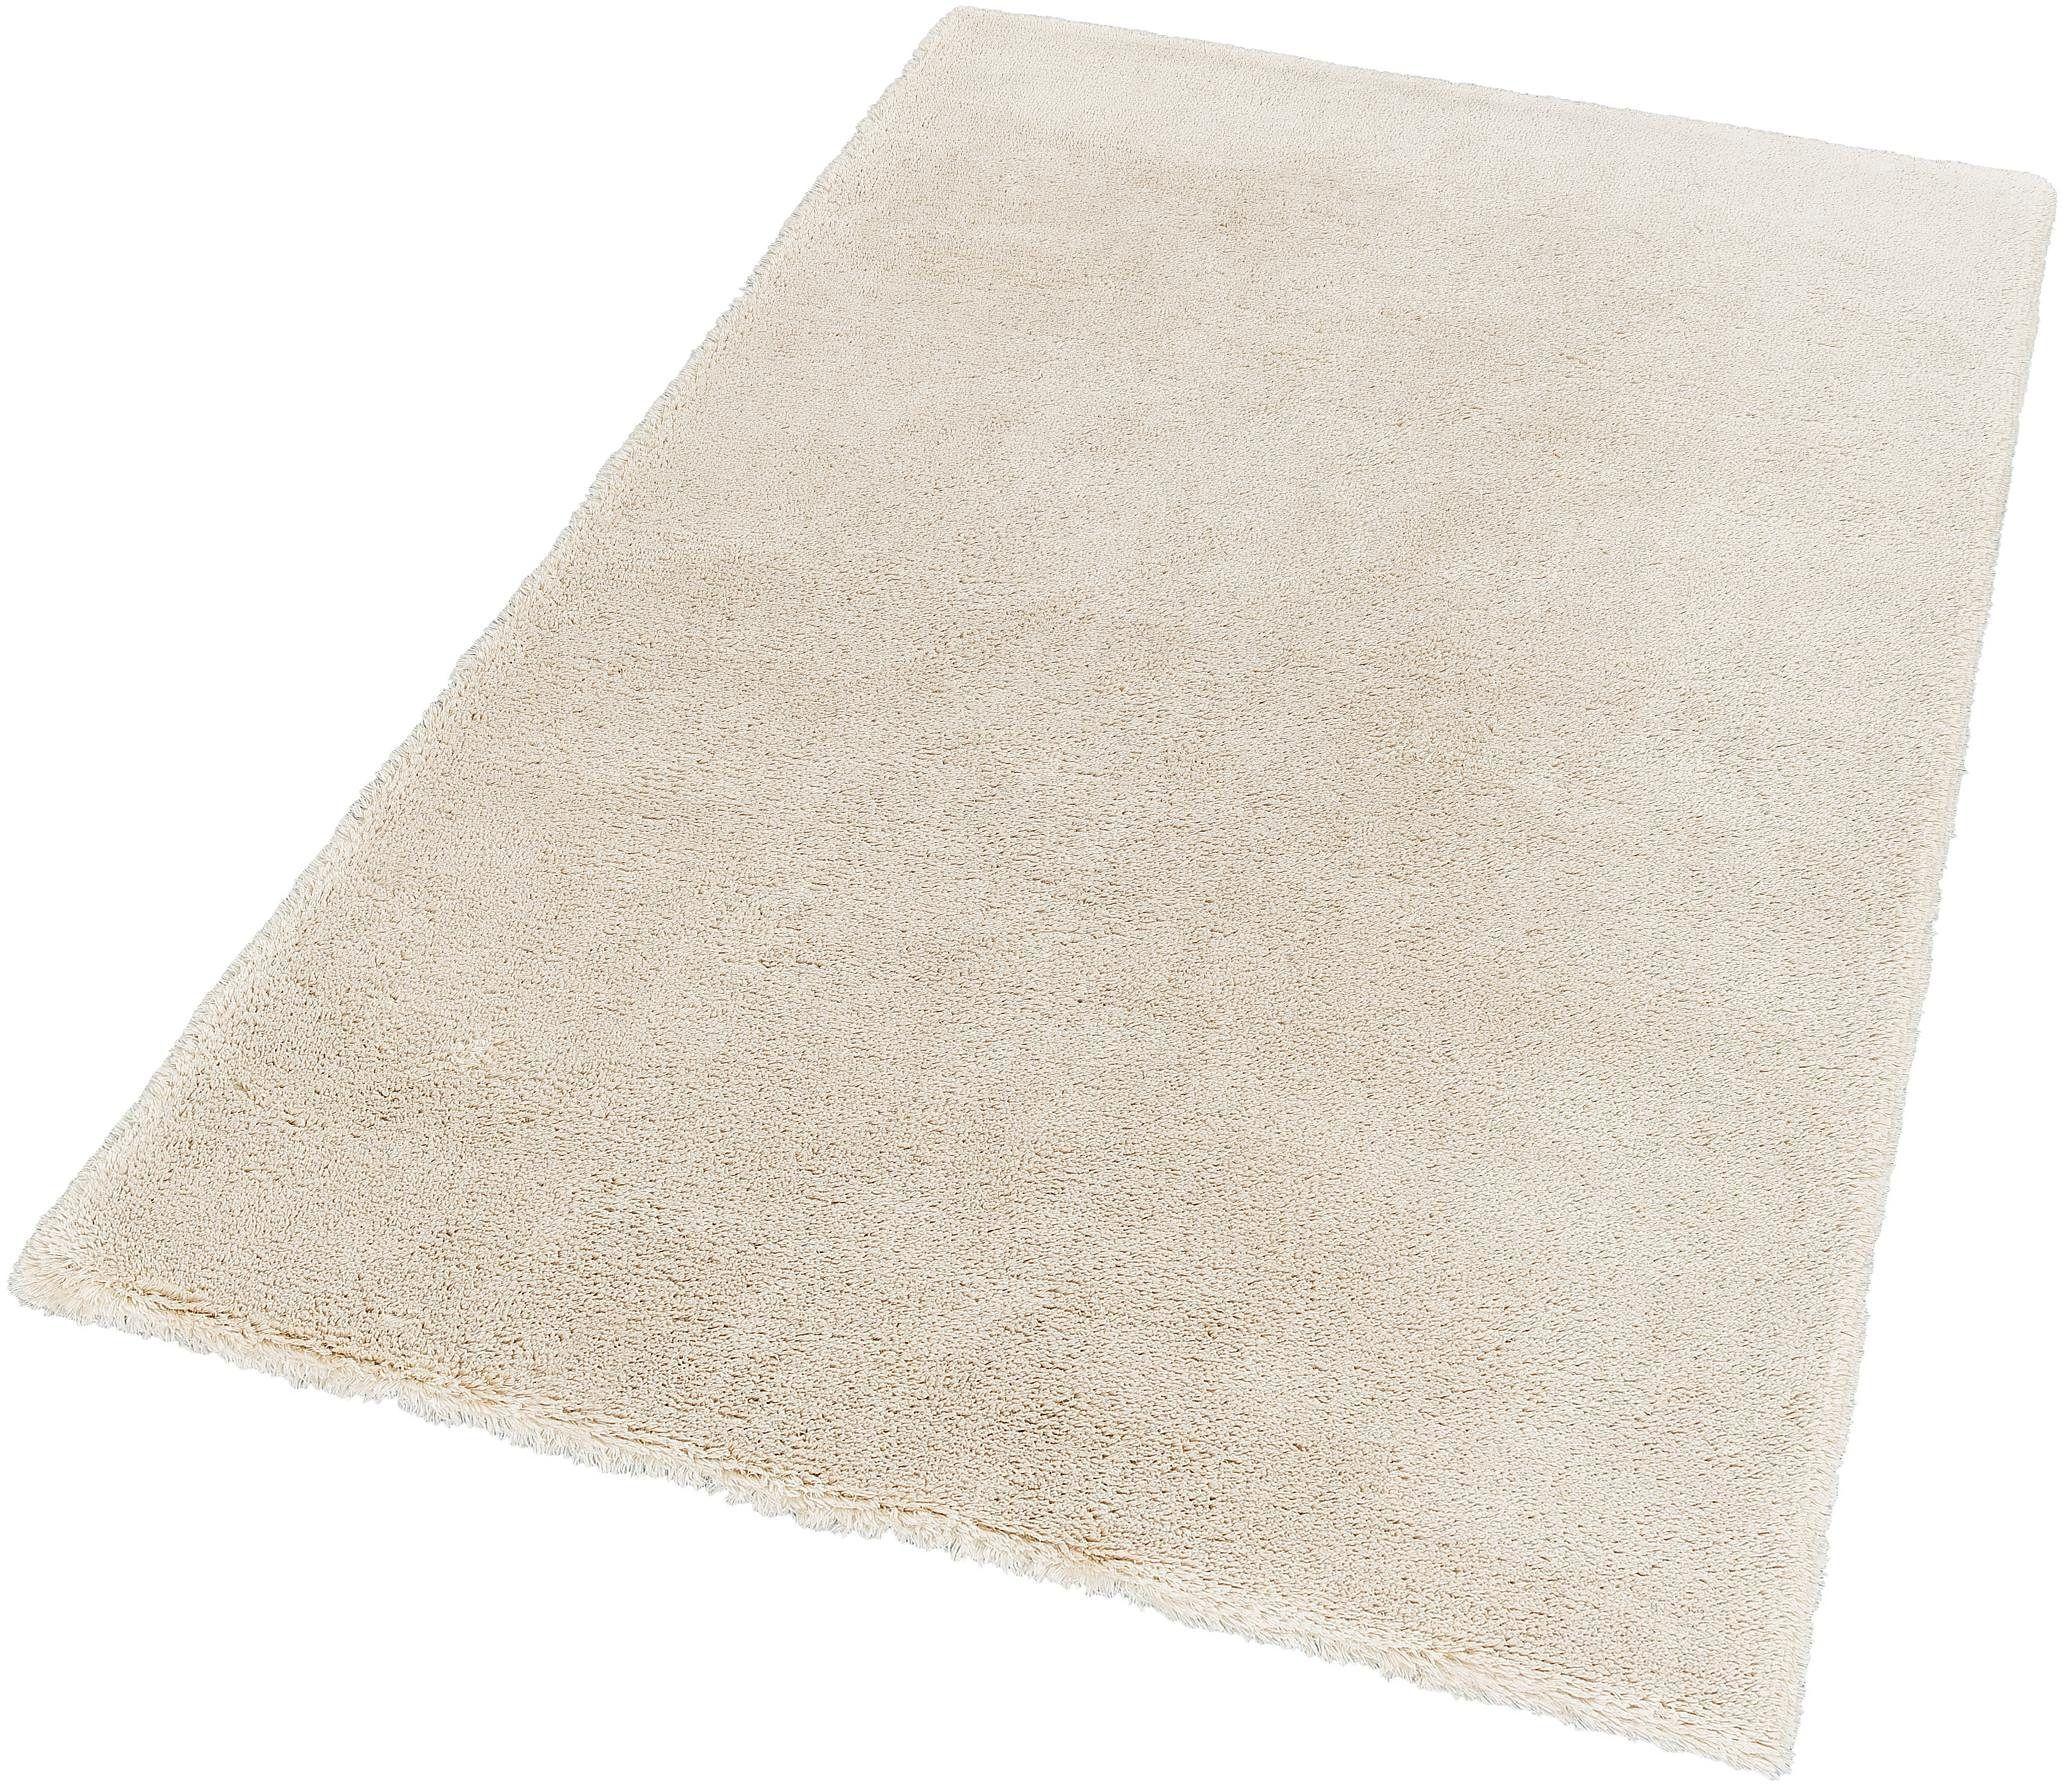 Hochflor Teppich Schoner Wohnen Kollektion Harmony Hohe 35 Mm Getuftet Jetzt Bestellen Unter Https Moebel Ladendirekt Teppich Beige Teppich Textilien